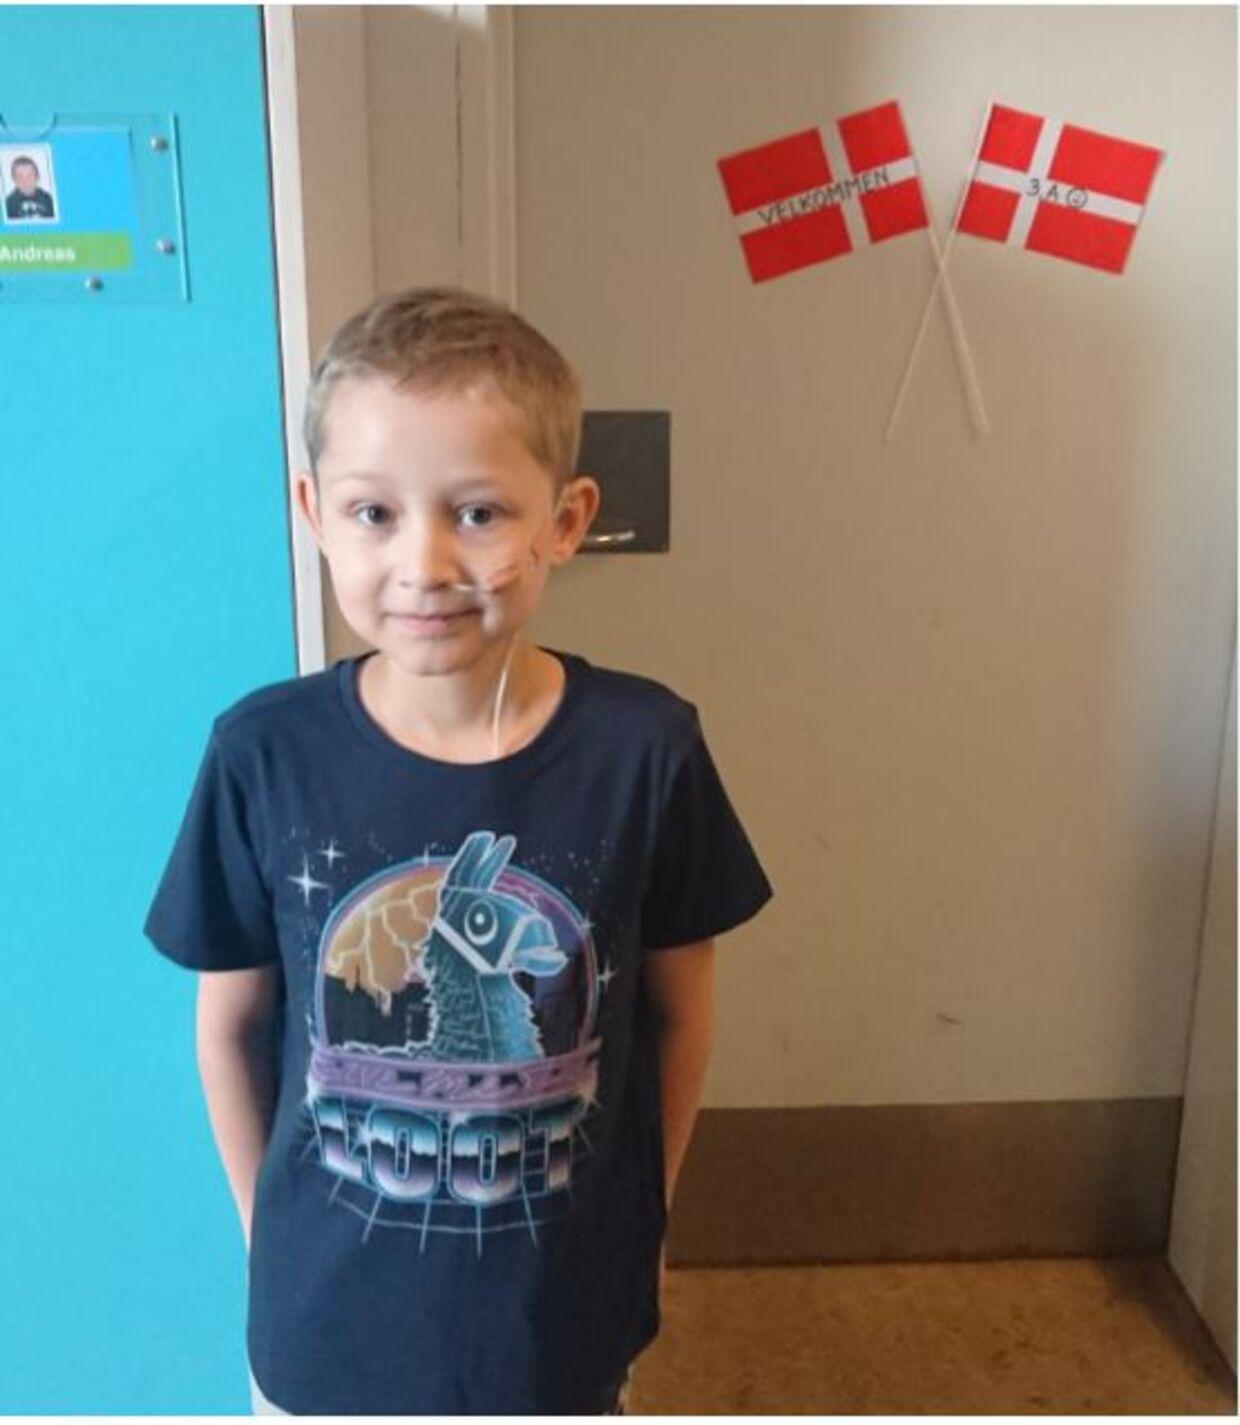 Selvom Frederik er syg med leukæmi, har familien alligevel haft mulighed for at fastholde brudstykker af deres gamle hverdag. Når Frederik har det godt, kommer han i skole.